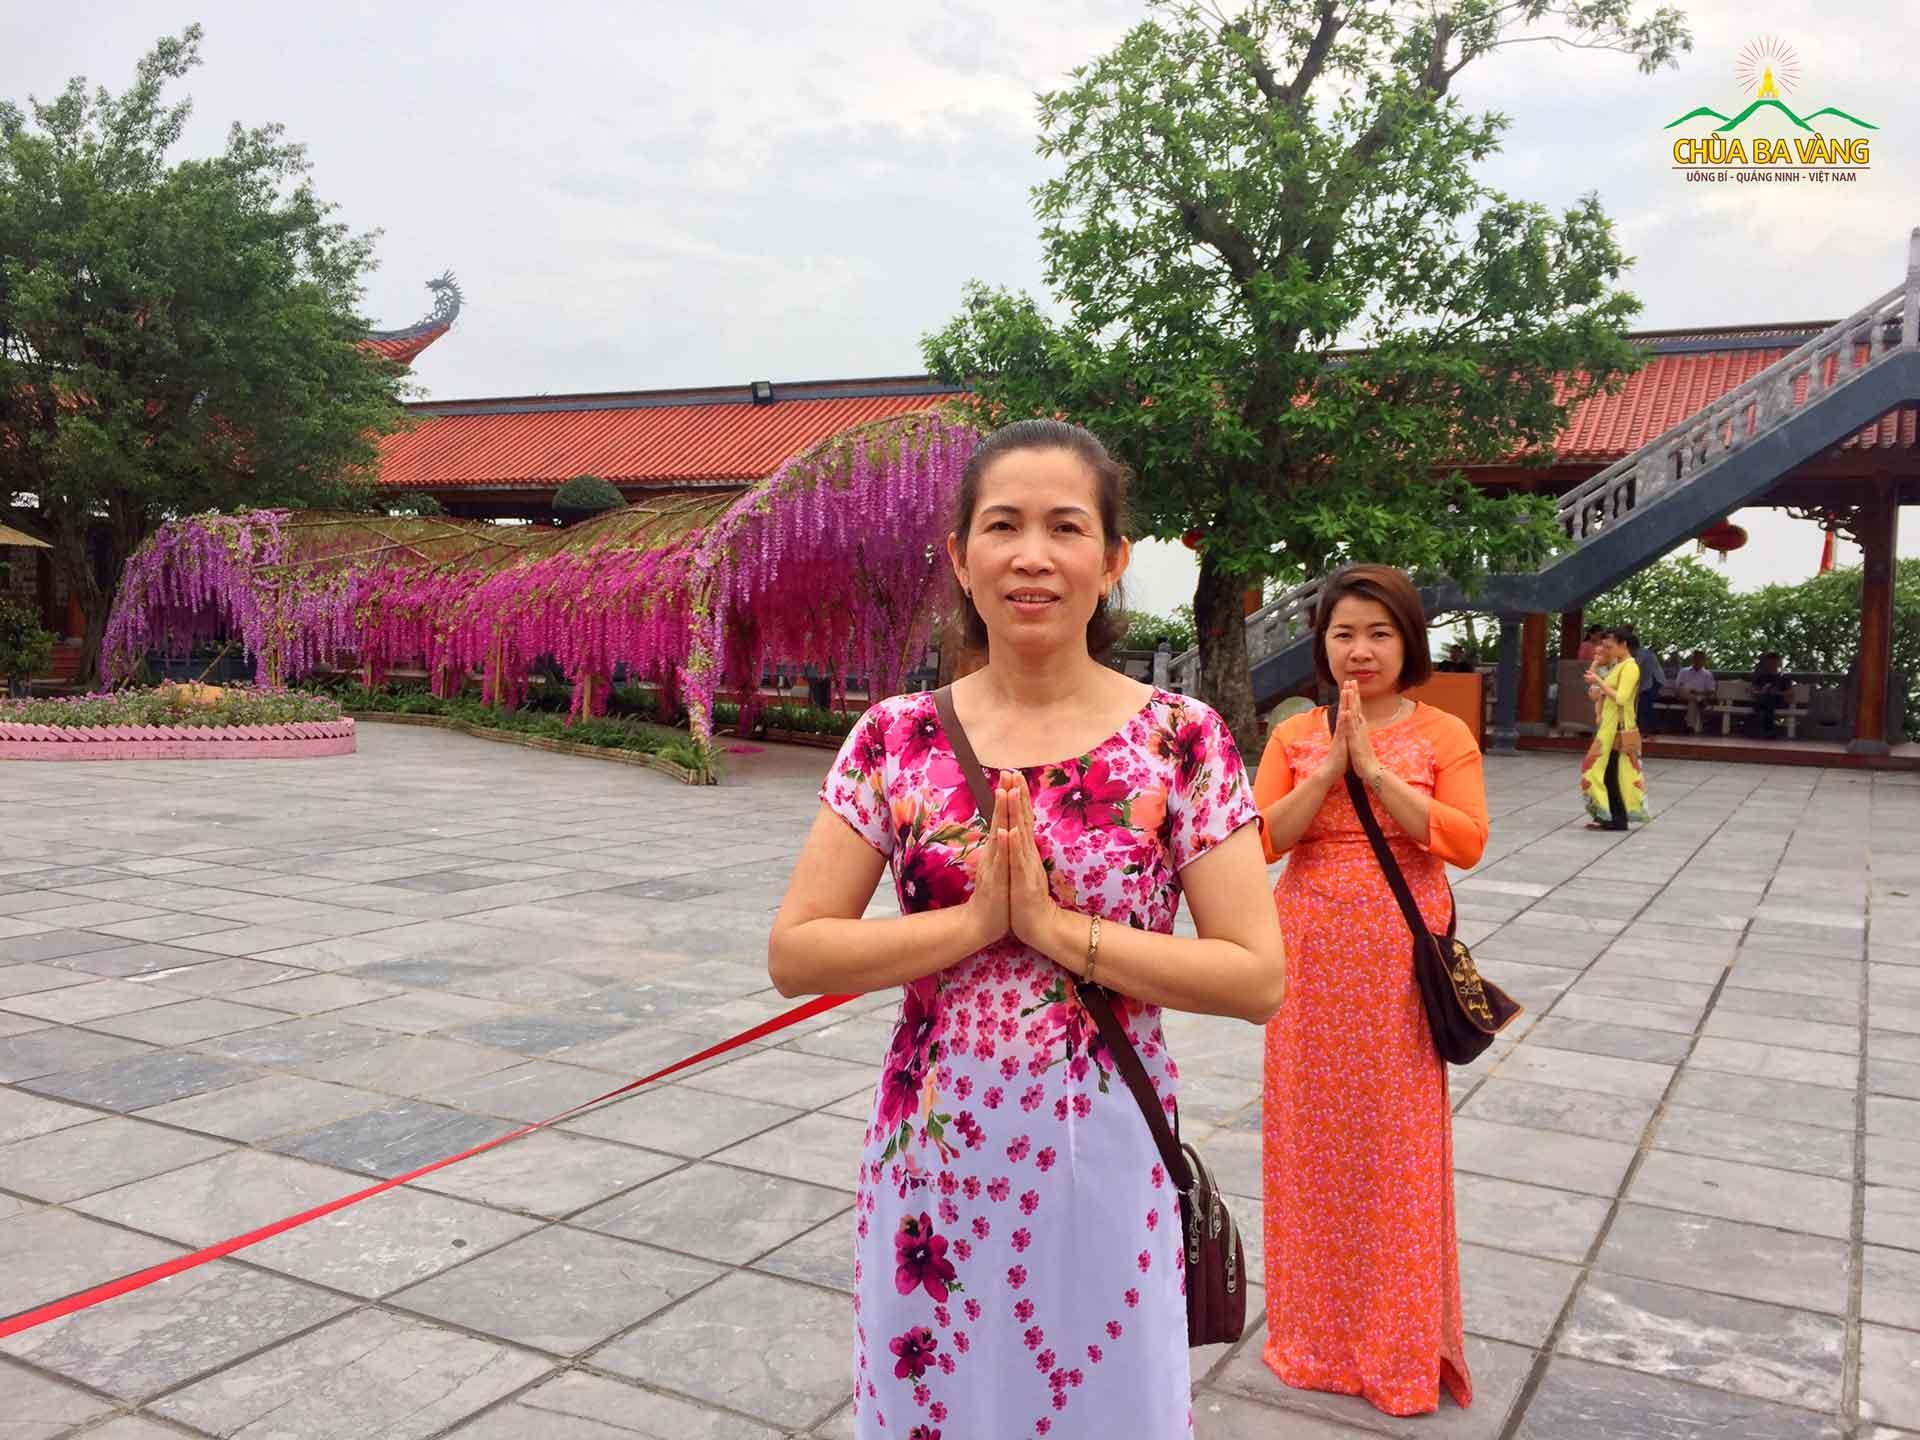 Phật tử Tống Thị Kim Yến chia sẻ cảm xúc hạnh phúc ngày được về chùa